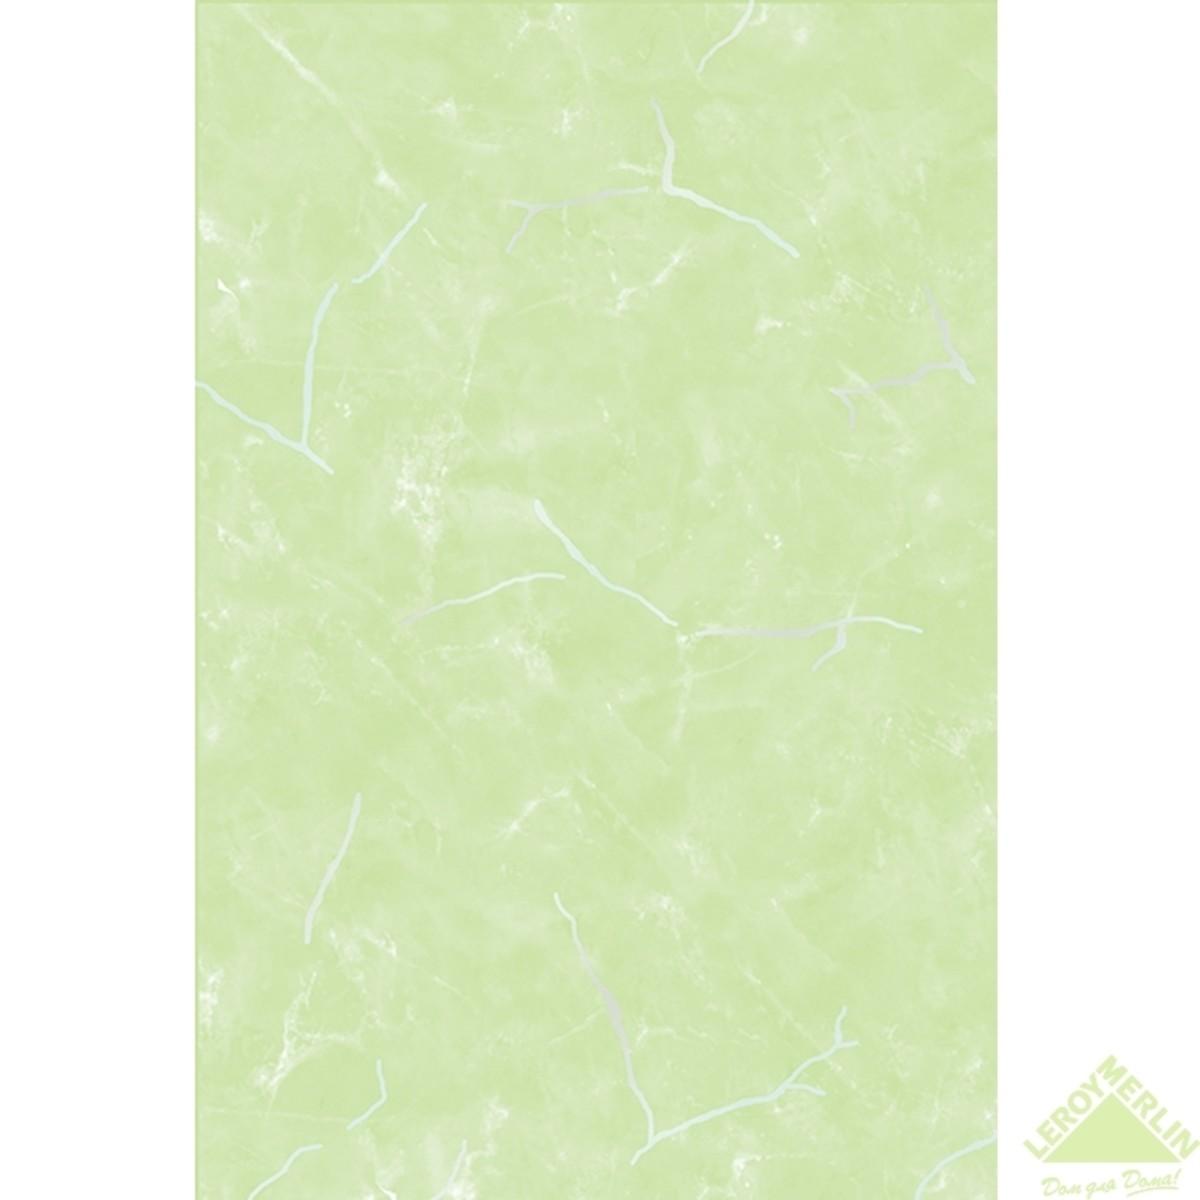 Плитка настенная Веста низ цвет салатовый 20х30 см 144 м2